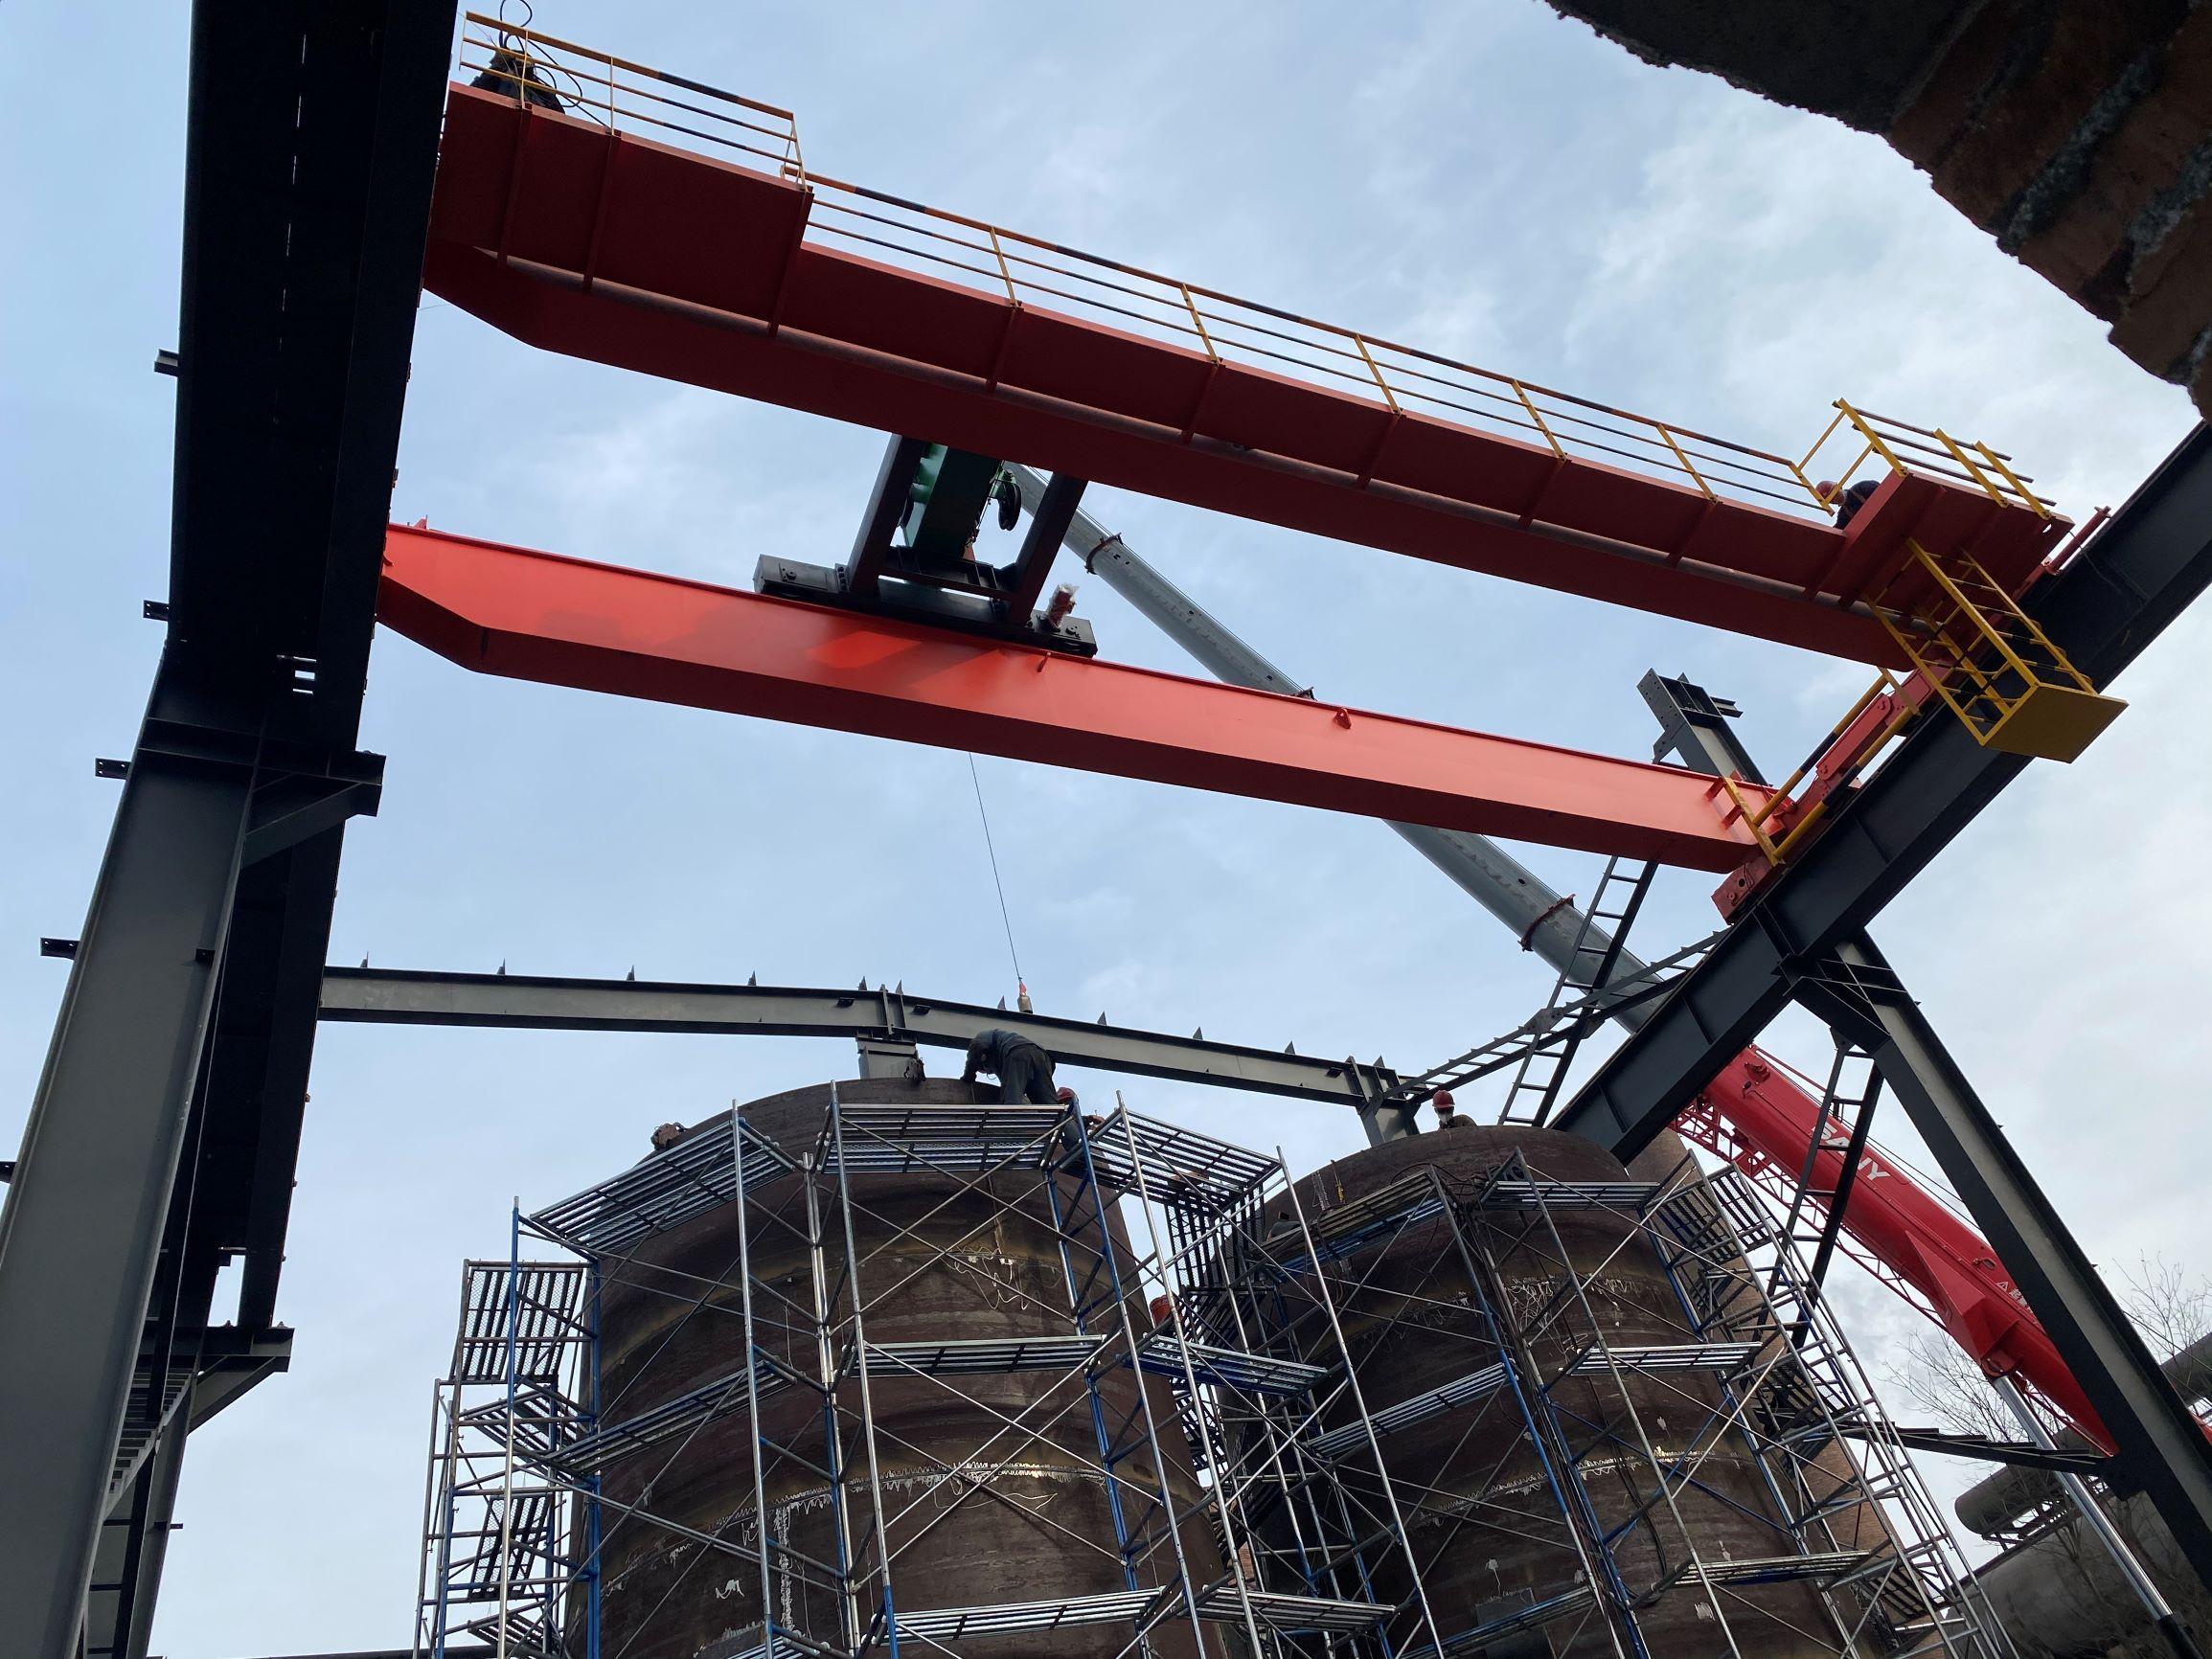 中船万博官方版手机登录供安钢集团万博手机注册登录项目最新进展